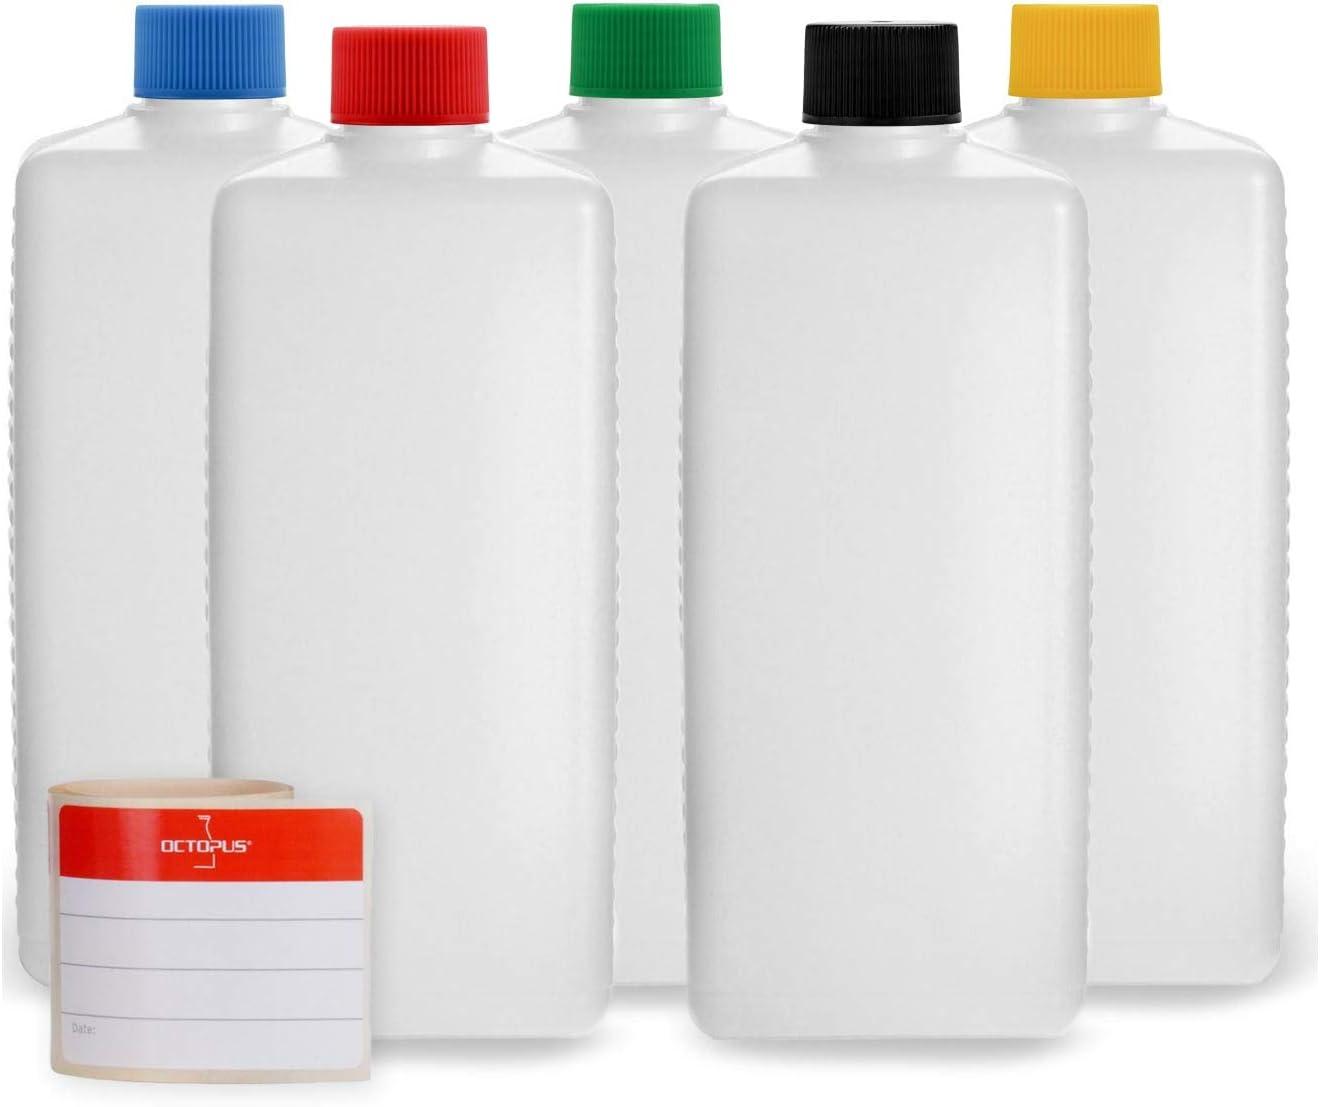 Octopus 5 x 500 ml botellas de plástico, HDPE botellas de plástico con coloridos cierres de rosca, vacías, con tapas de rosca de colores, botellas cuadradas incluye 5 etiquetas de rotulación